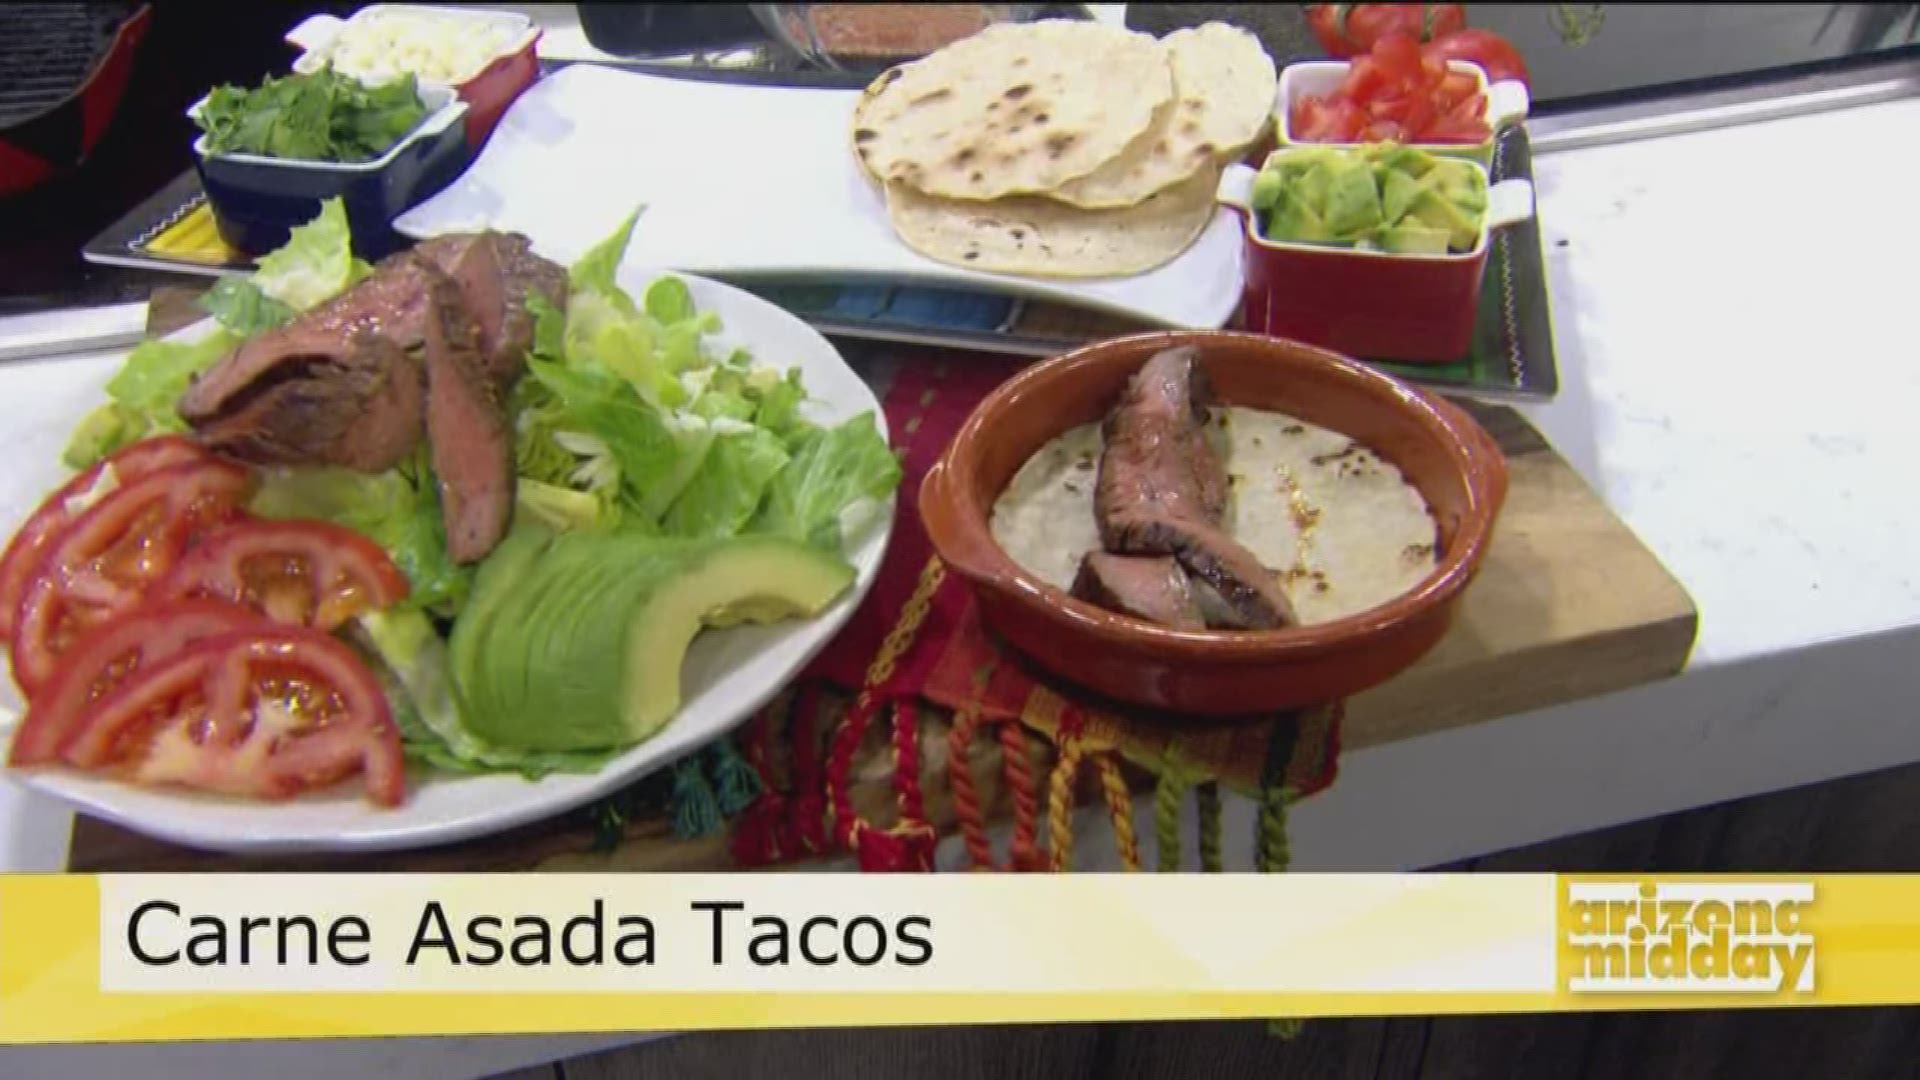 Jan's Carne Asada Tacos